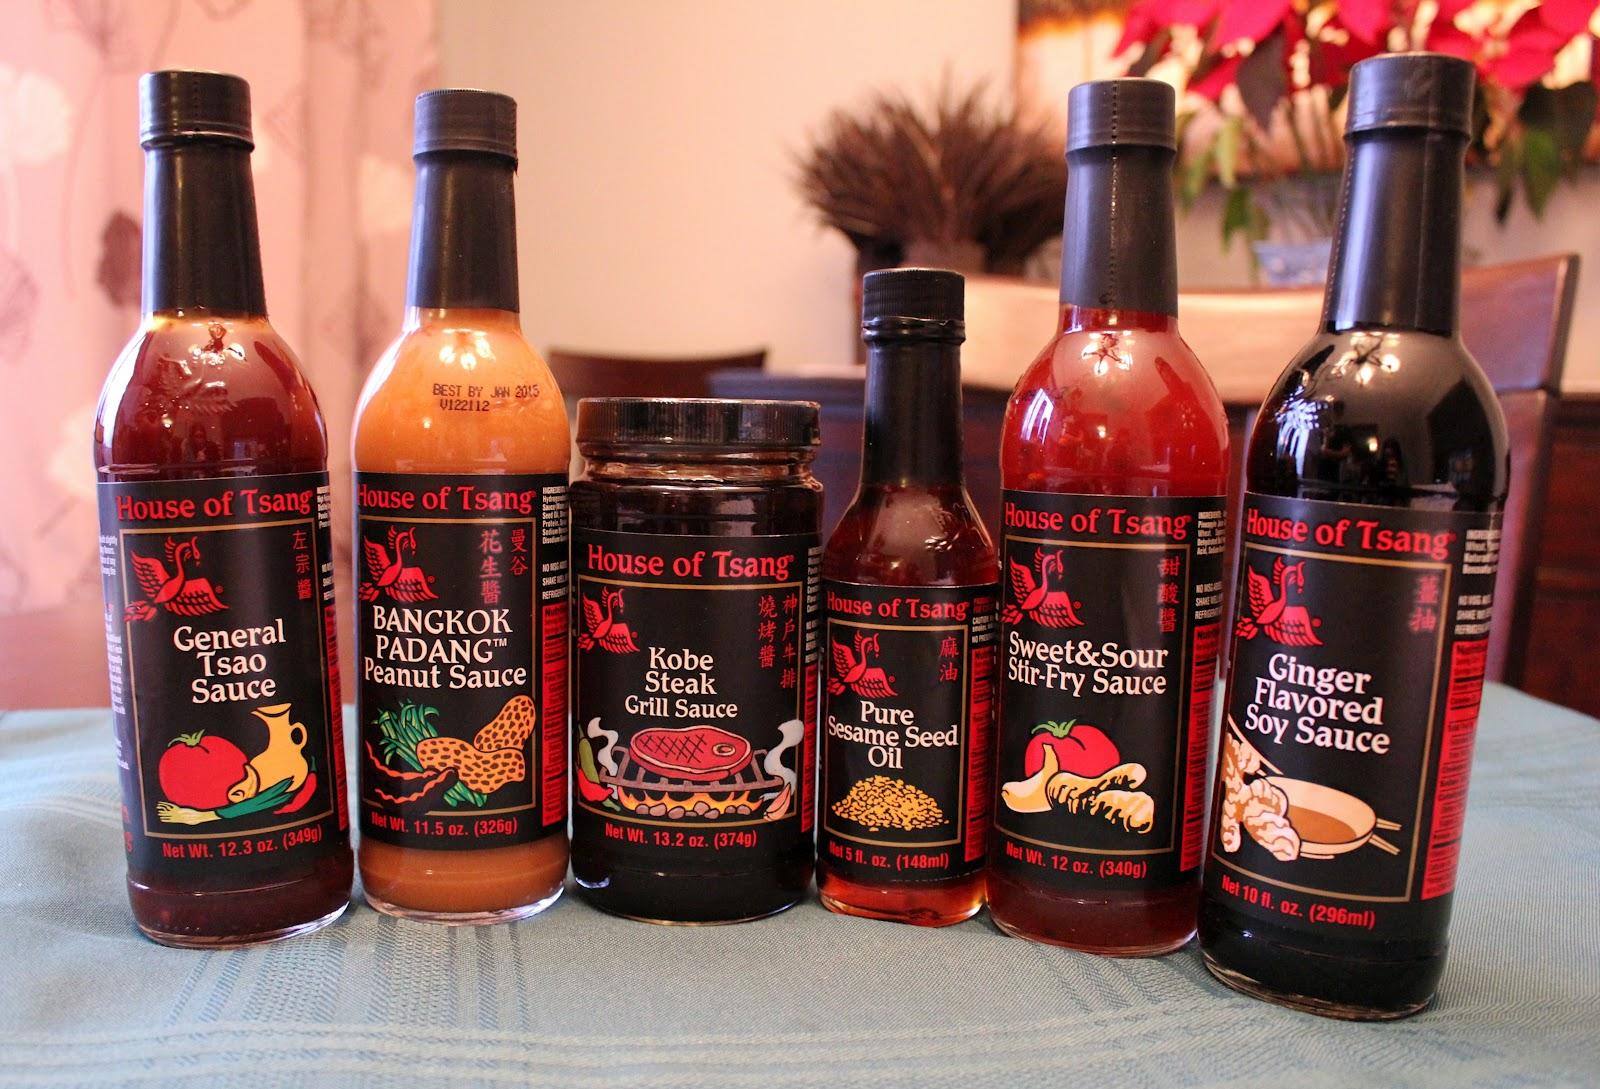 House of tsang sauce coupon